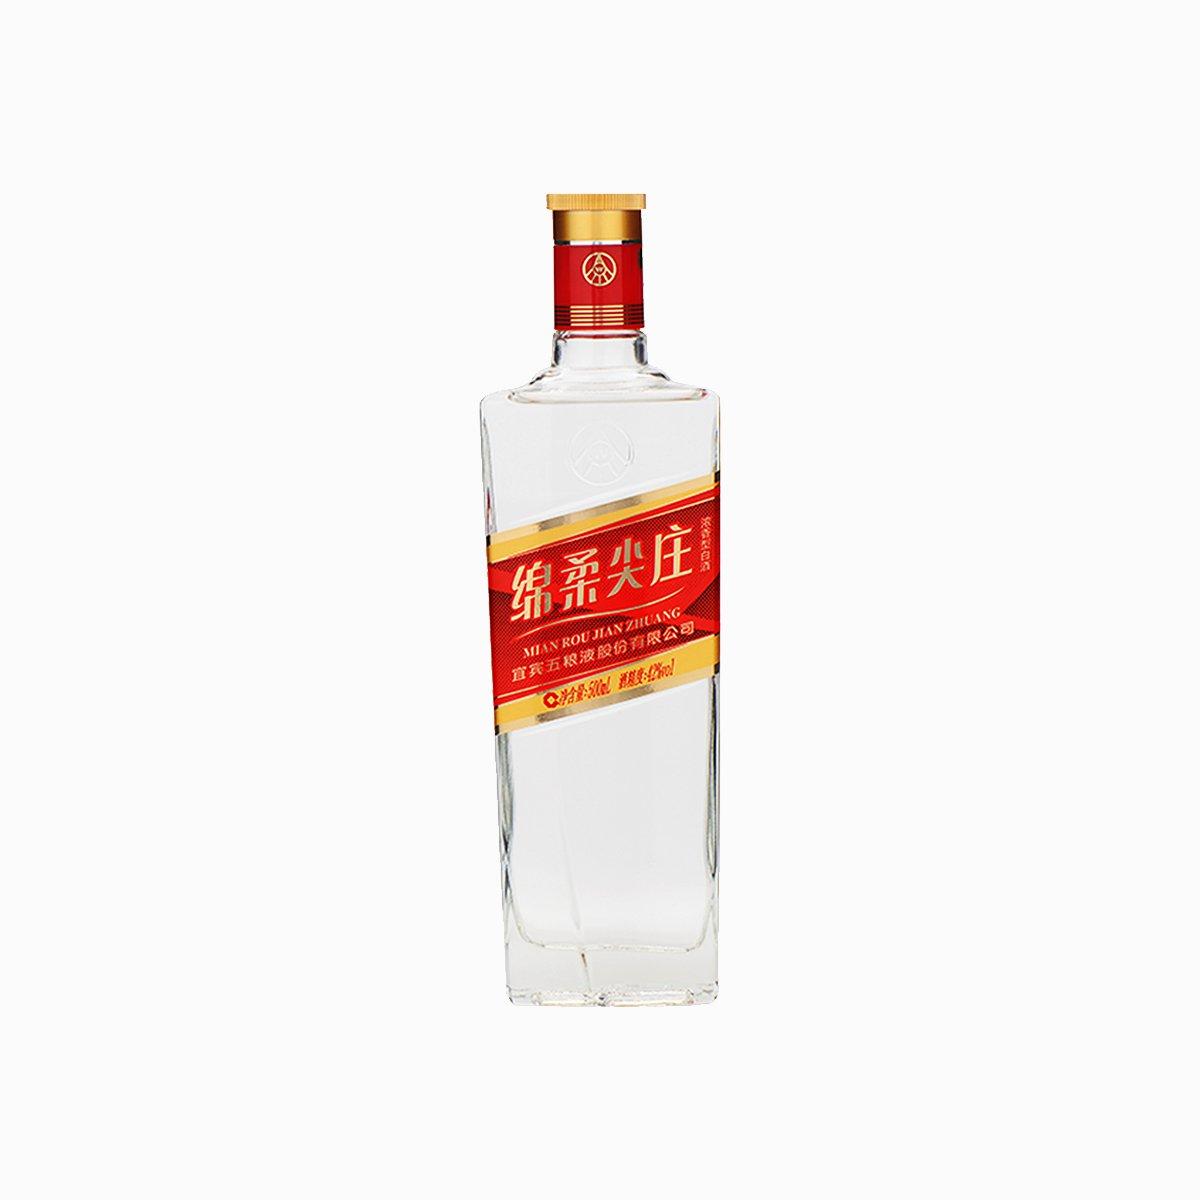 五粮液股份尖庄42度红钻白酒500ml